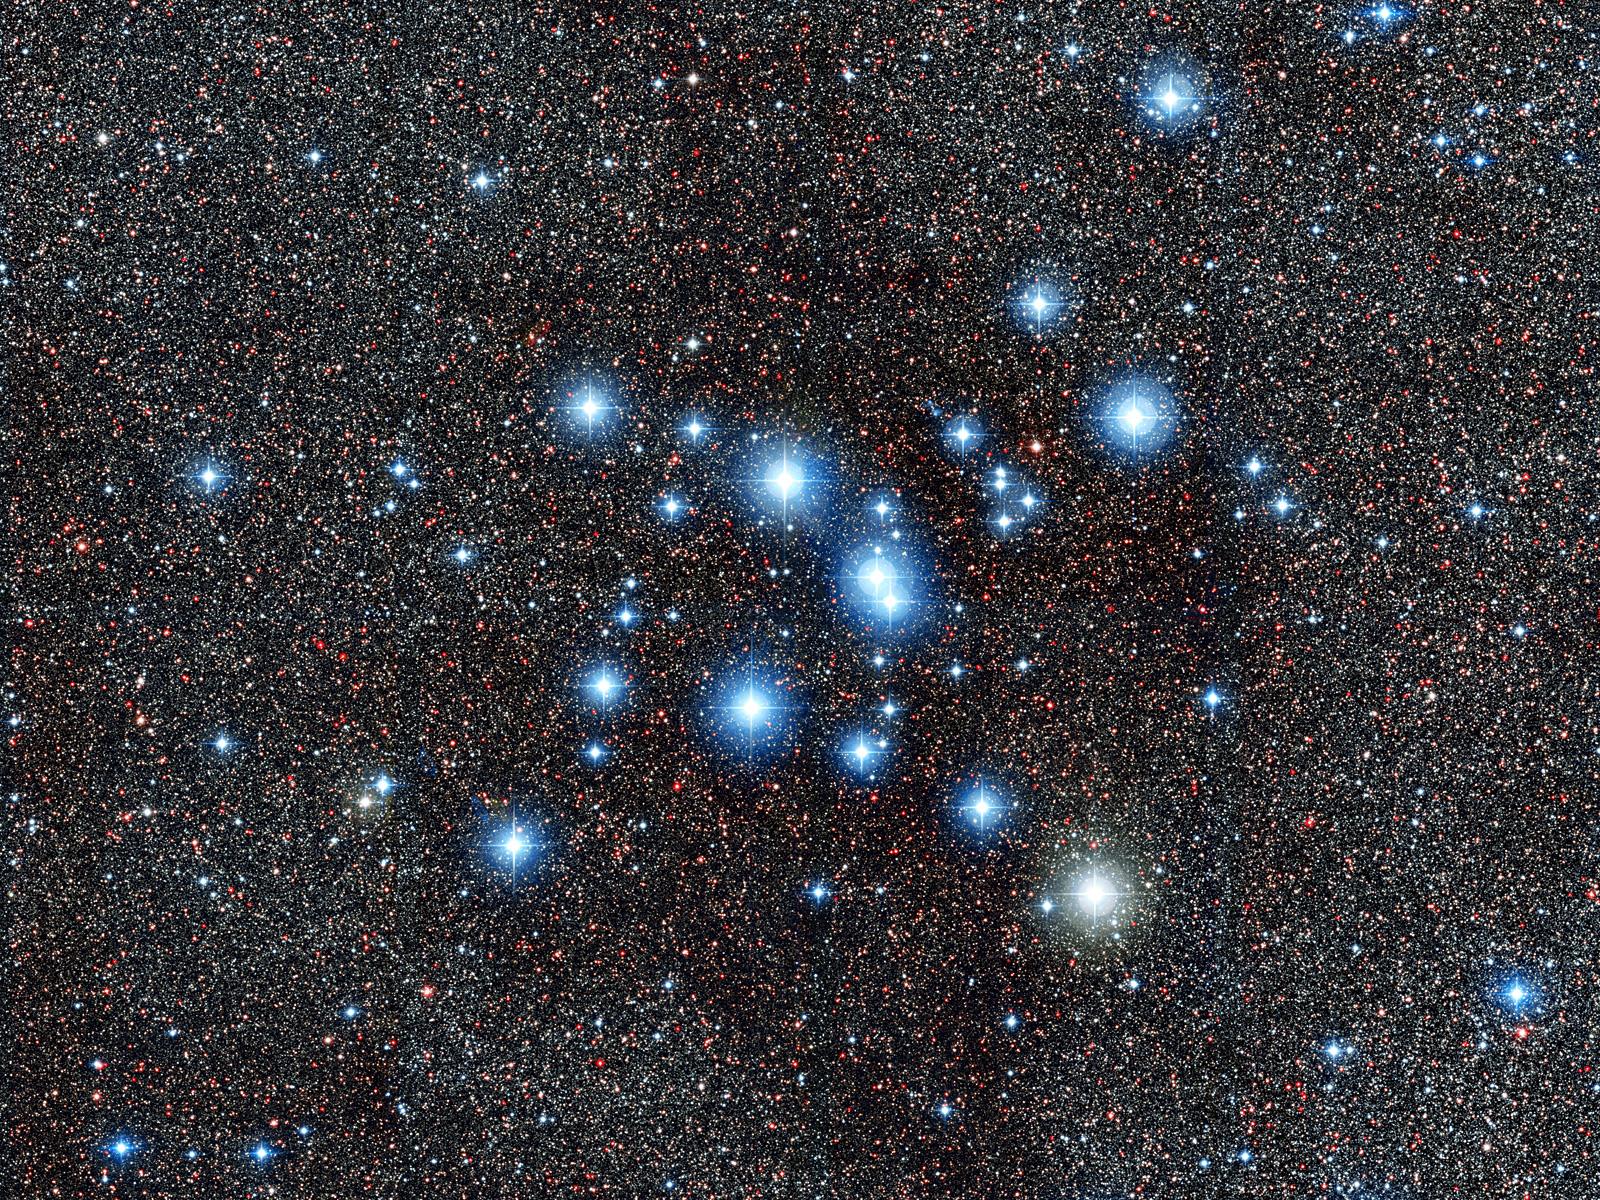 Messier 7 Star Cluster